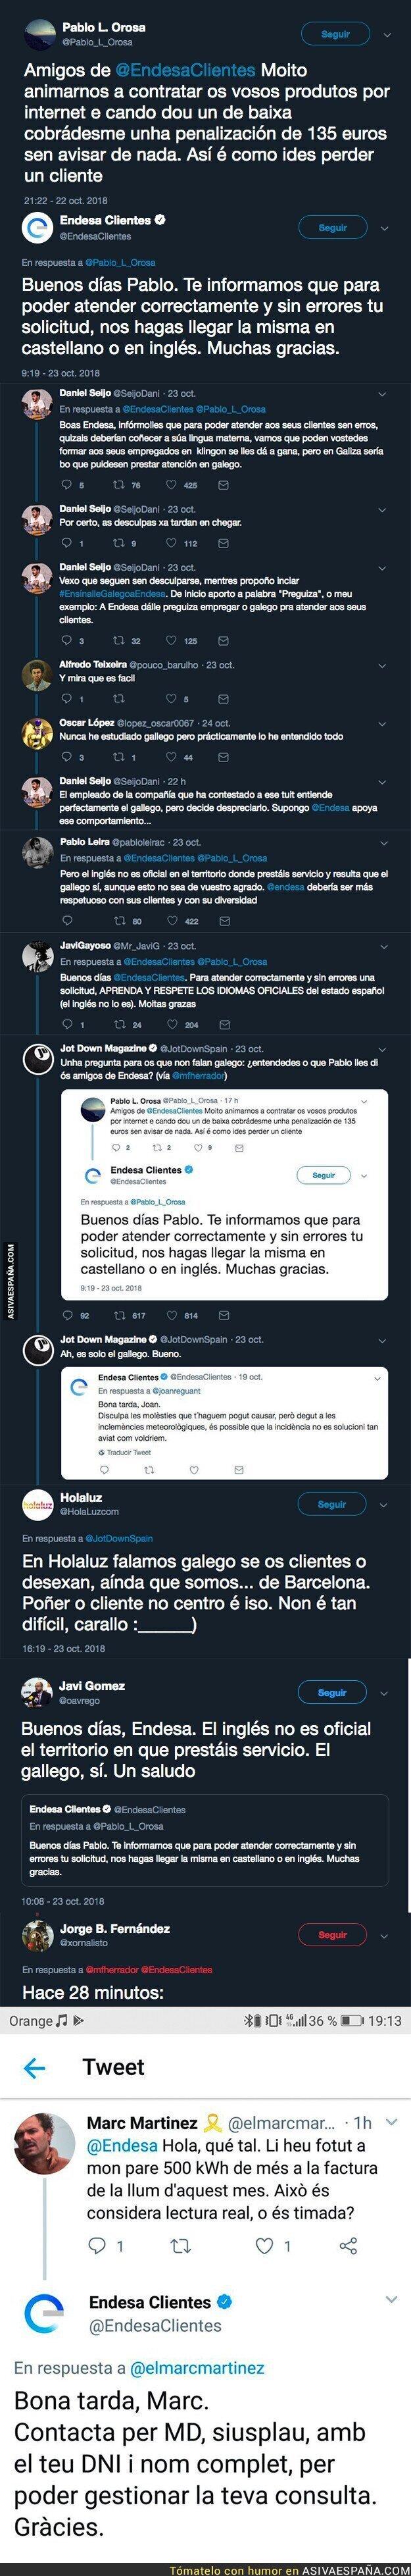 95913 - Gran polémica por este desplante de Endesa a uno de sus clientes por hacerle llegar una consulta en gallego